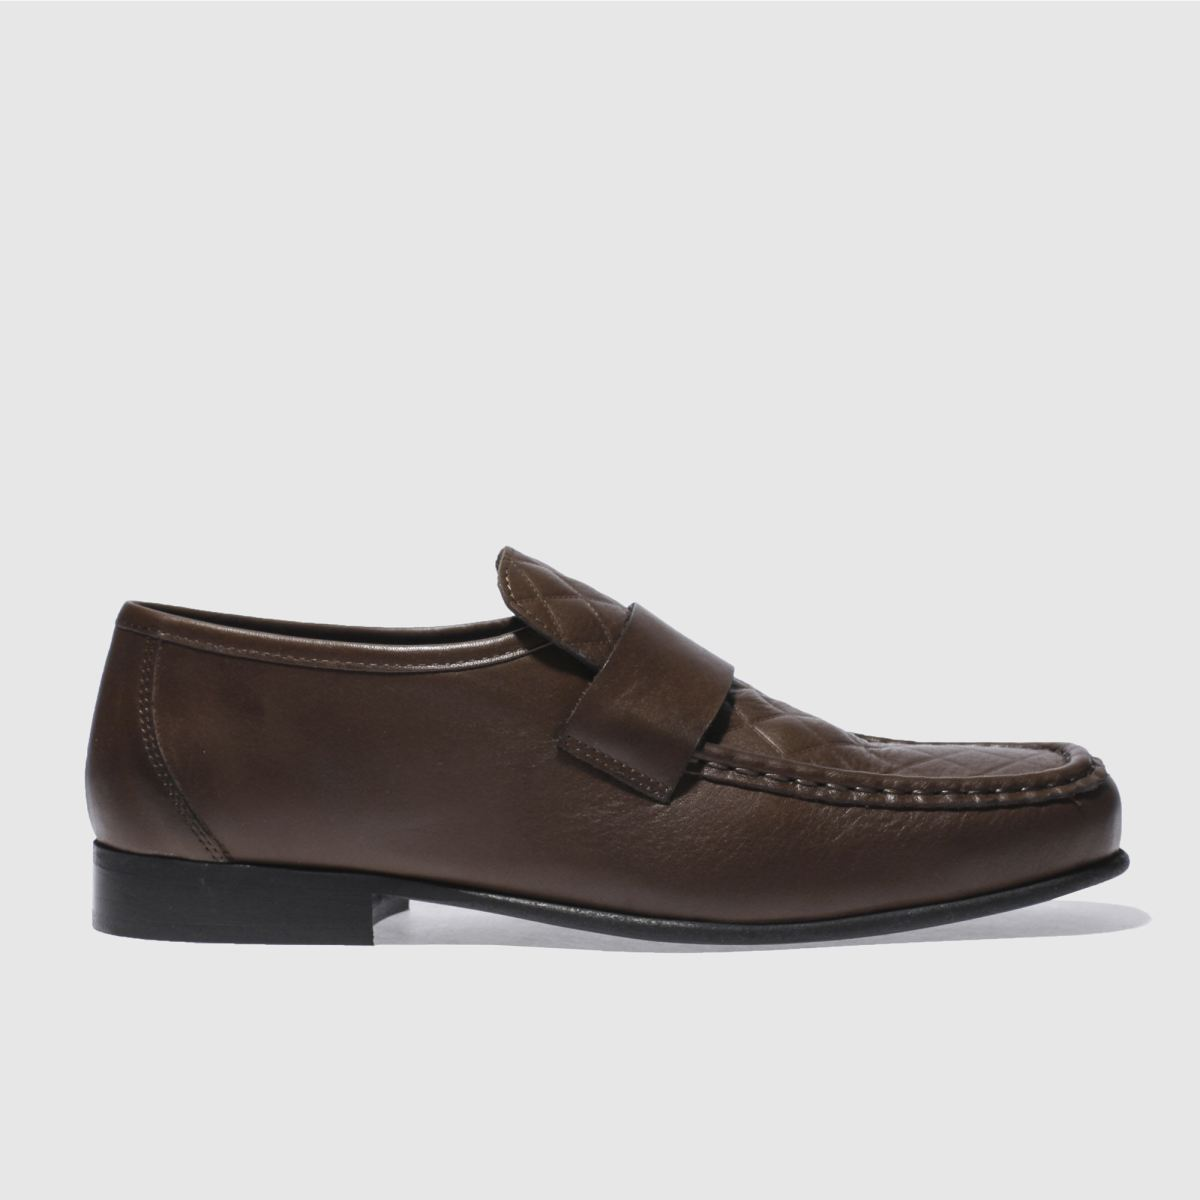 schuh brown argent quilt shoes